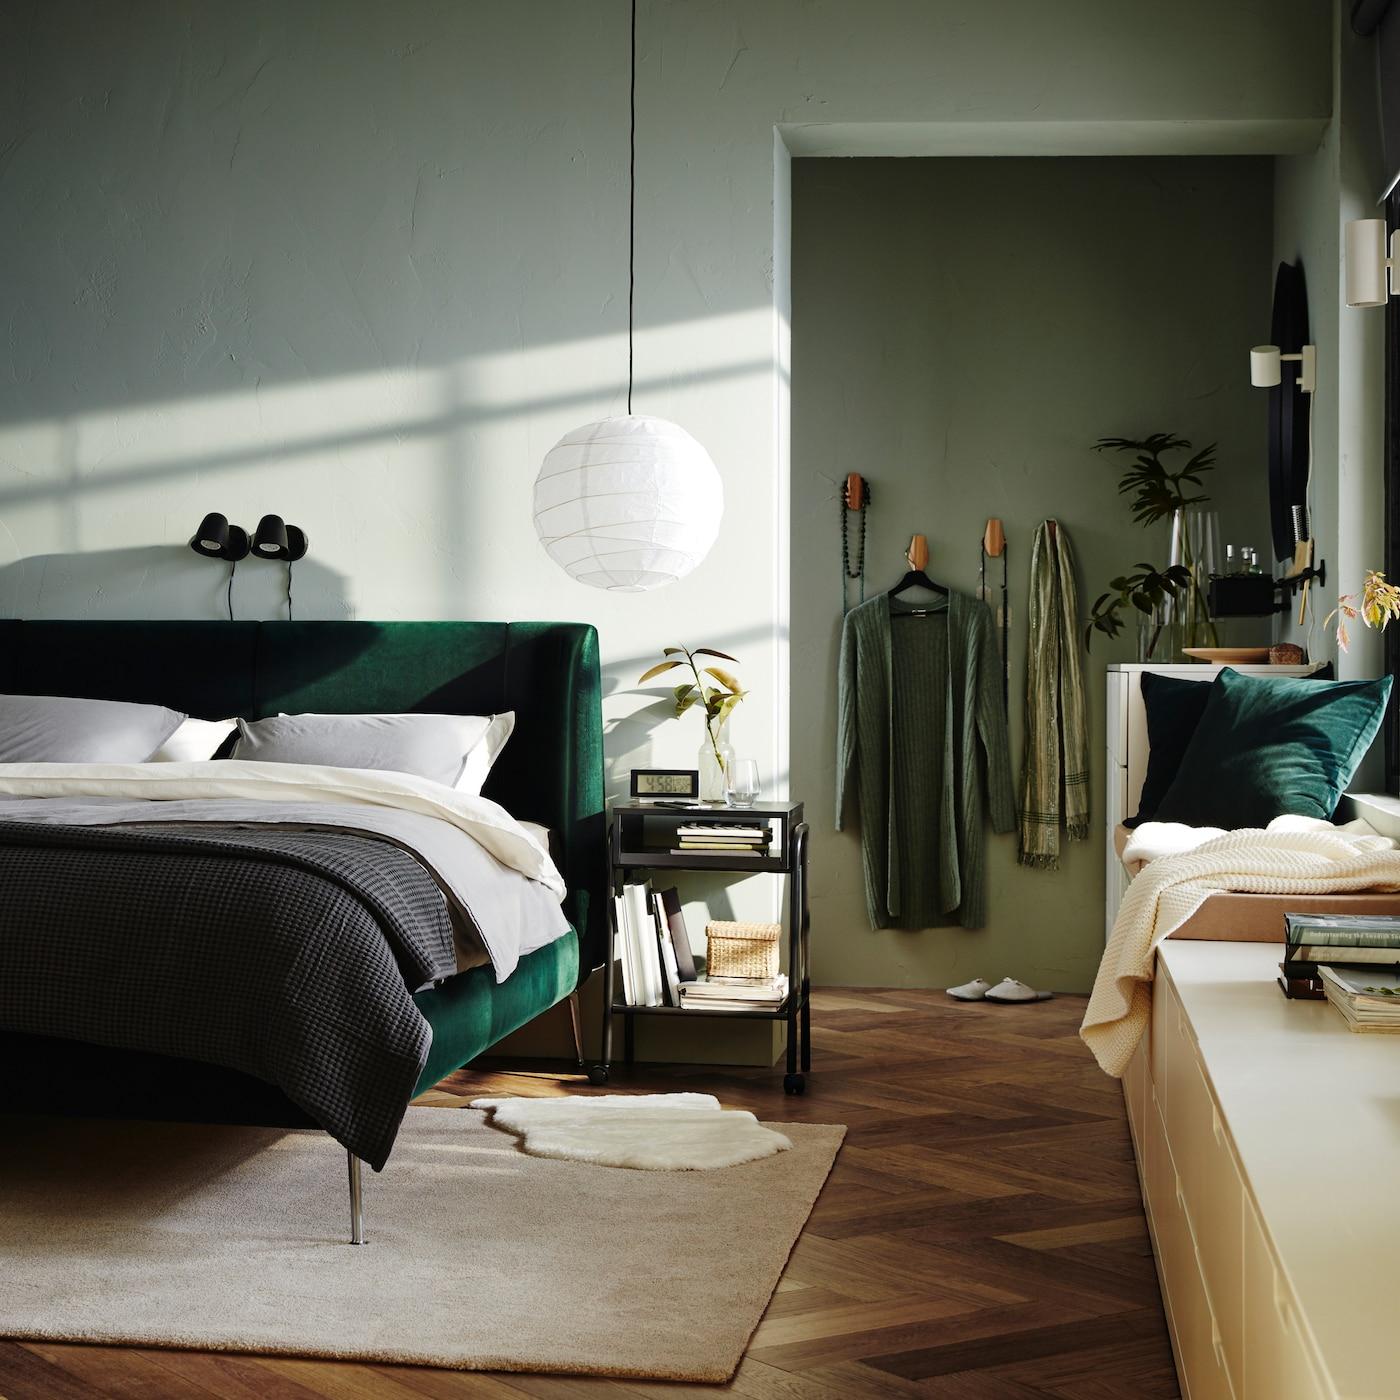 Une chambre à coucher avec un cadre de lit matelassé en velours vert, deux appliques noires, un tapis blanc cassé et une commode blanche.